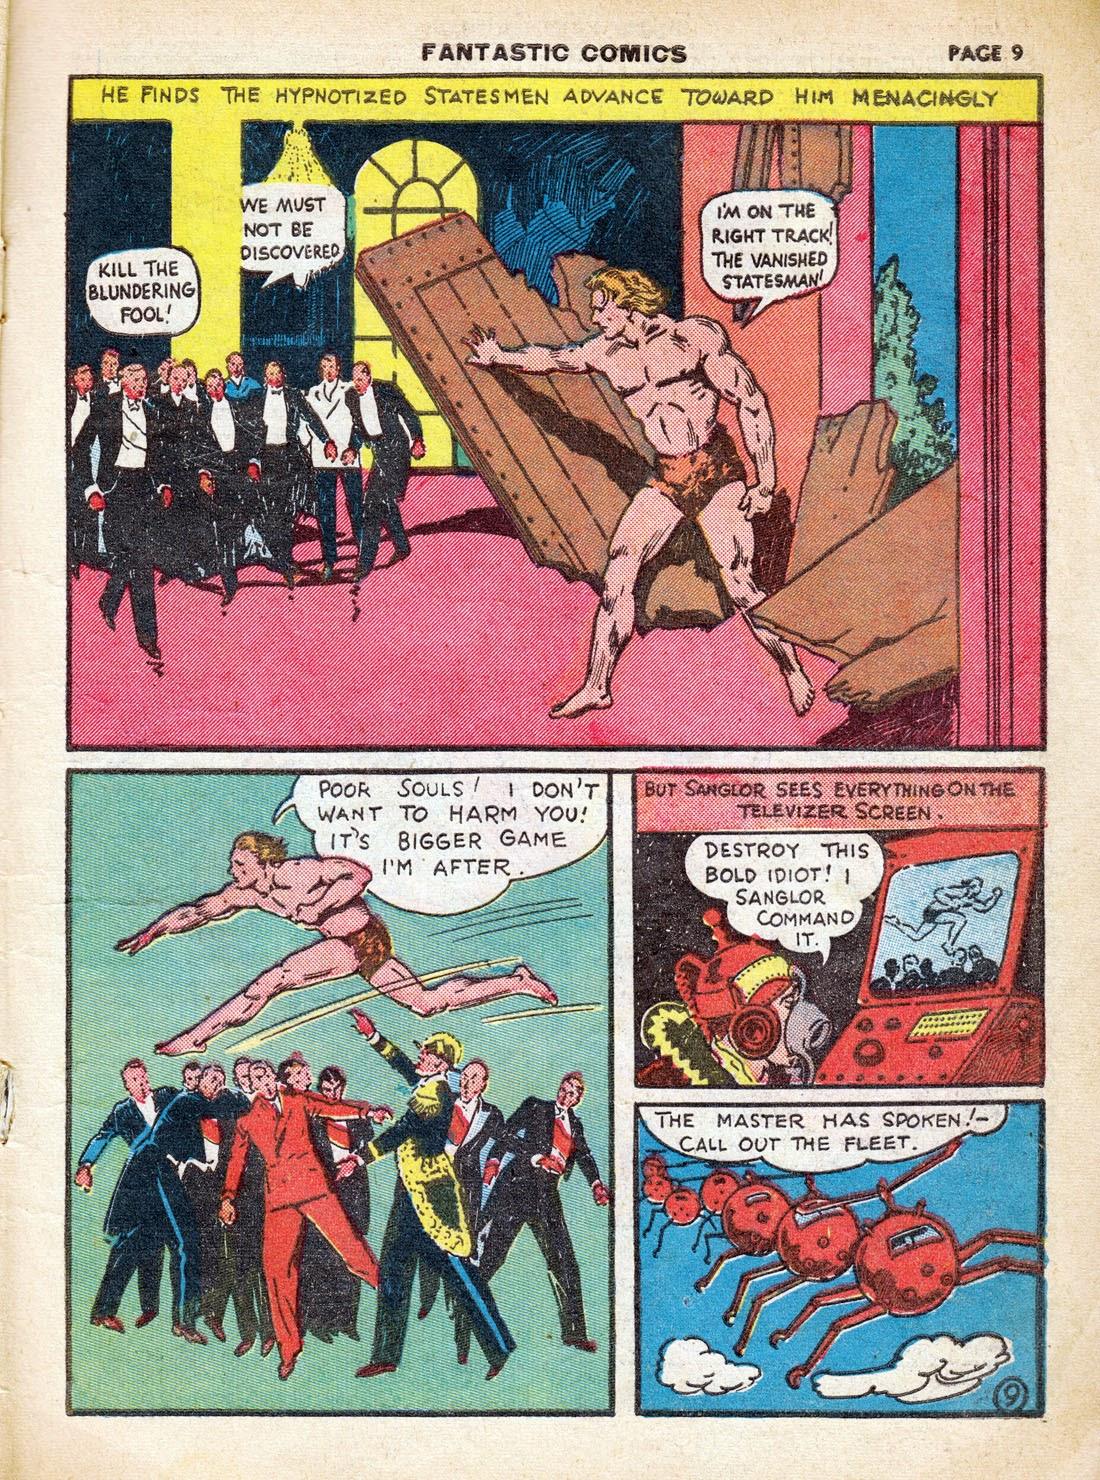 Read online Fantastic Comics comic -  Issue #7 - 11